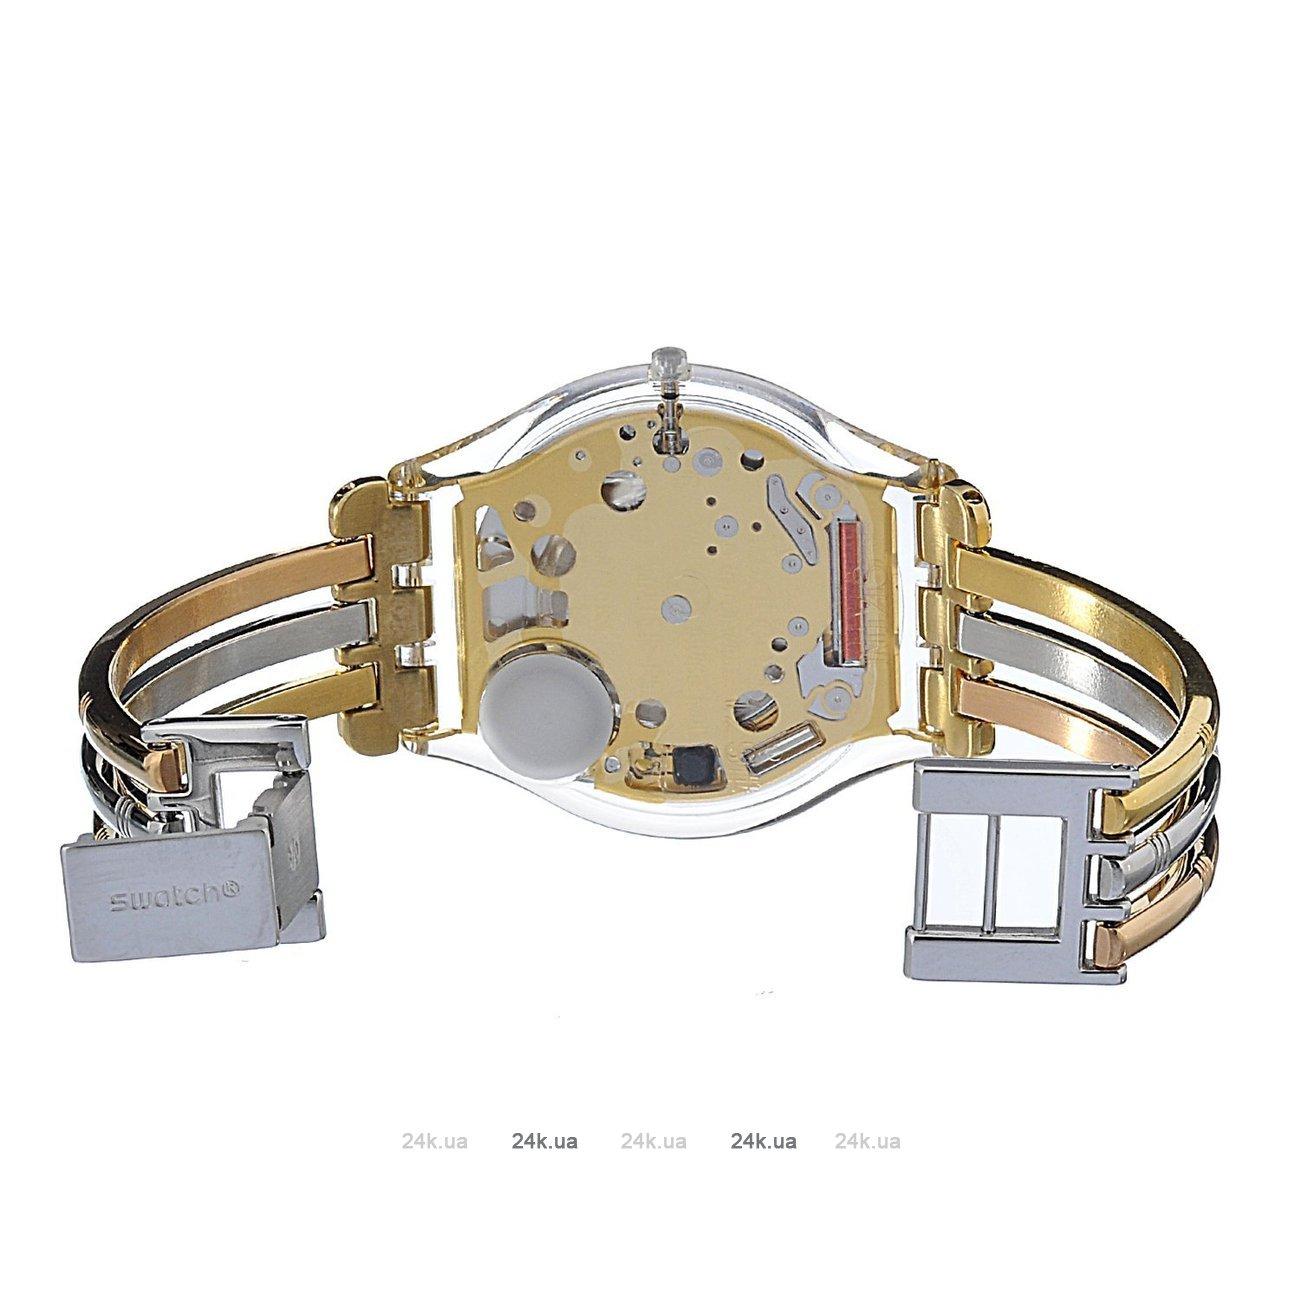 Часы женские swatch купить - реплика Breguet